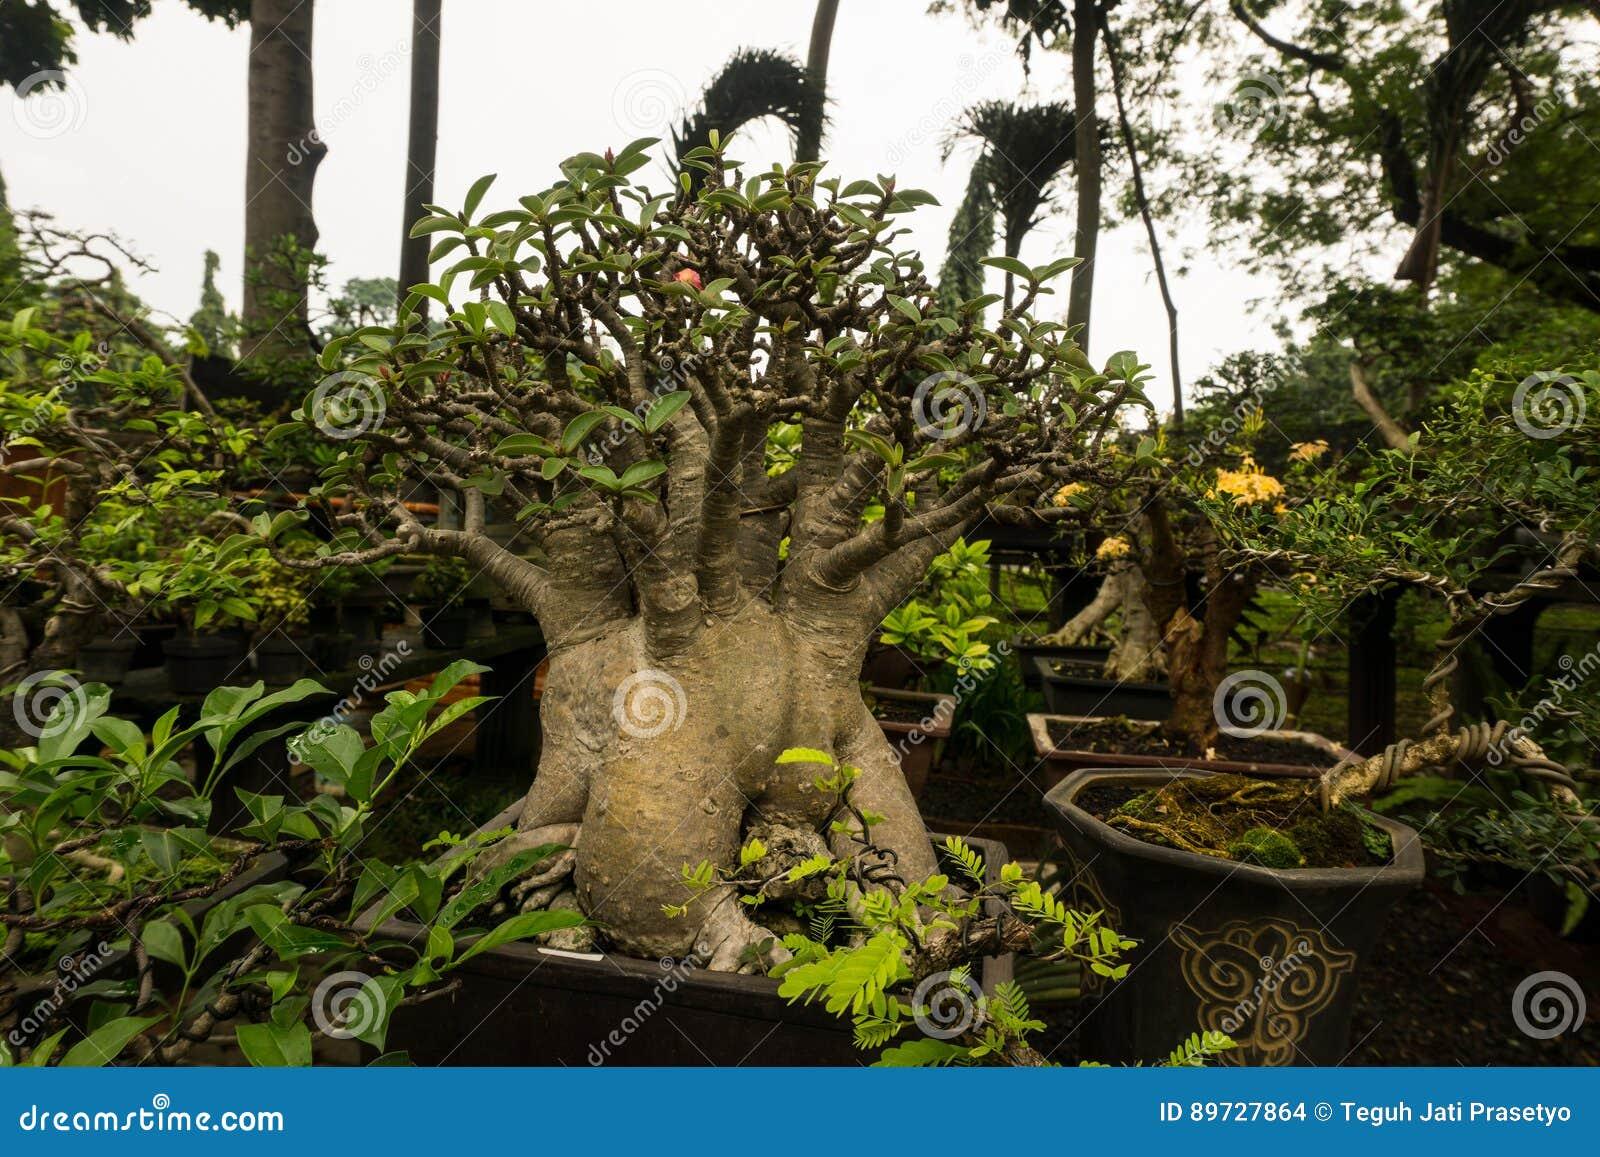 在装饰植物的黏土做的罐的盆景树卖在植物在雅加达拍的卖主照片印度尼西亚